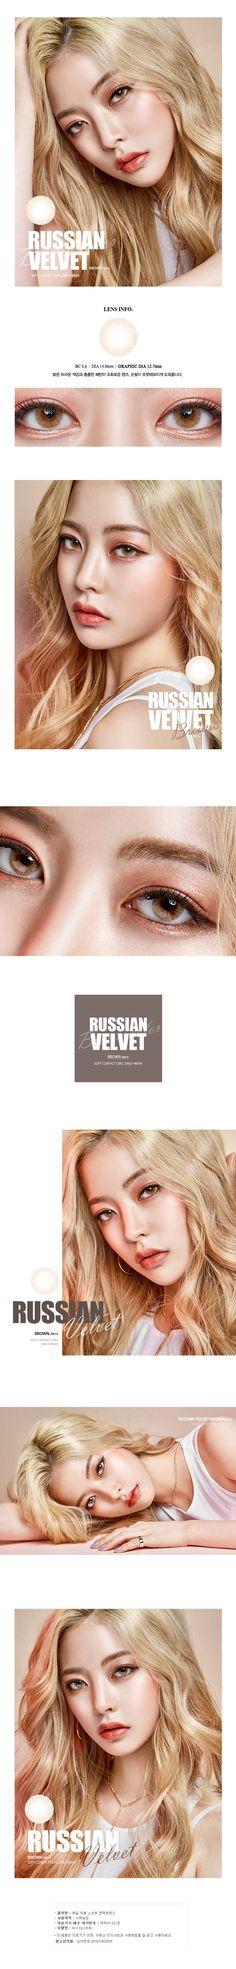 OLENSRUBR_O-Lens Russian Velvet - Brown_Russian Velvet_O-Lens